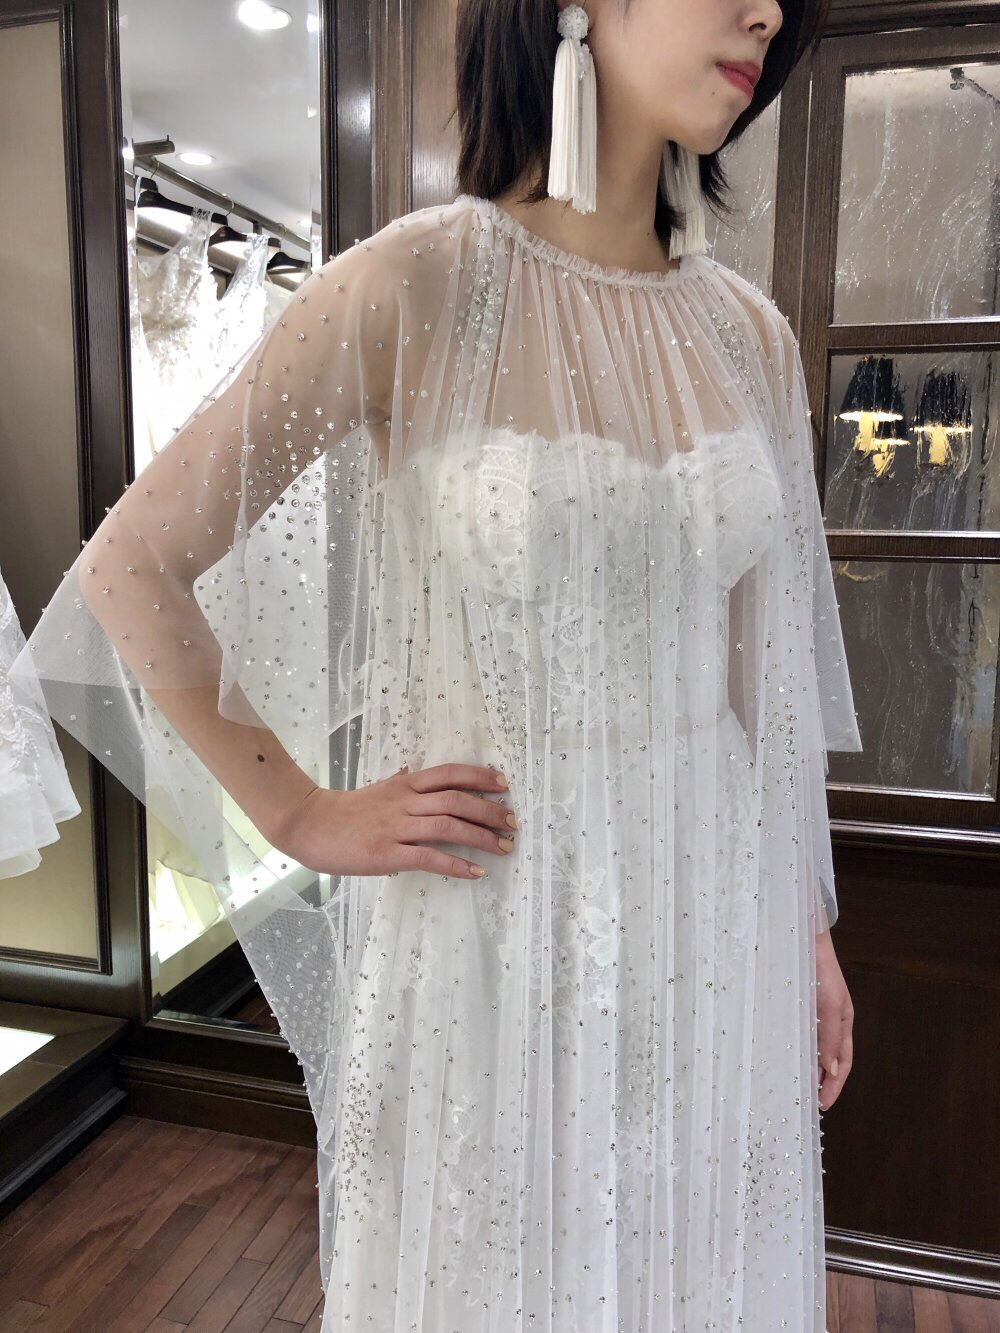 NAEEM KHAN(ナイ-ム・カーン)の新作ドレスで自分だけのブライズスタイルを(JUNO恵比寿店)